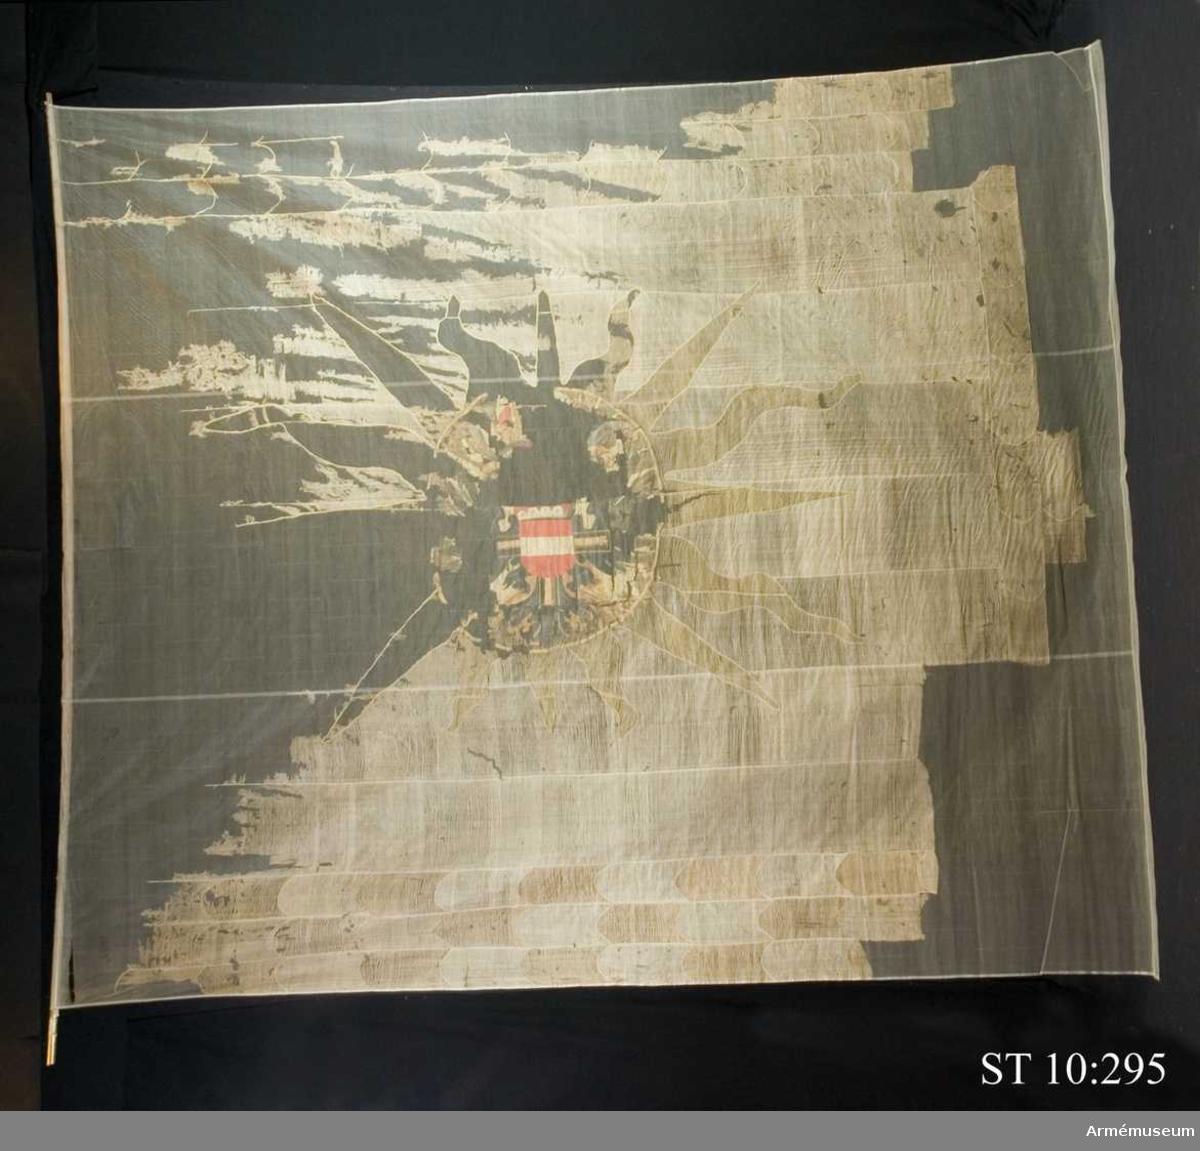 Bården i Österrikes färger består av röda och vita fjäll.  Inre sidan: Tysk-romerska rikets dubbelörn. I örnens bröst återges Leopold Vilhelms vapen såsom tyska ordens stormästare det vill säga ordenskoset täckt av Österrikes vapensköld, vit bjälke i rött. Huvudmotivet inskrivet i en cirkel från vilken 16 gula solstrålar utgår.  Yttre sidan: Jungfru Maria med barnet framträdande mot sol med 32 strålar.